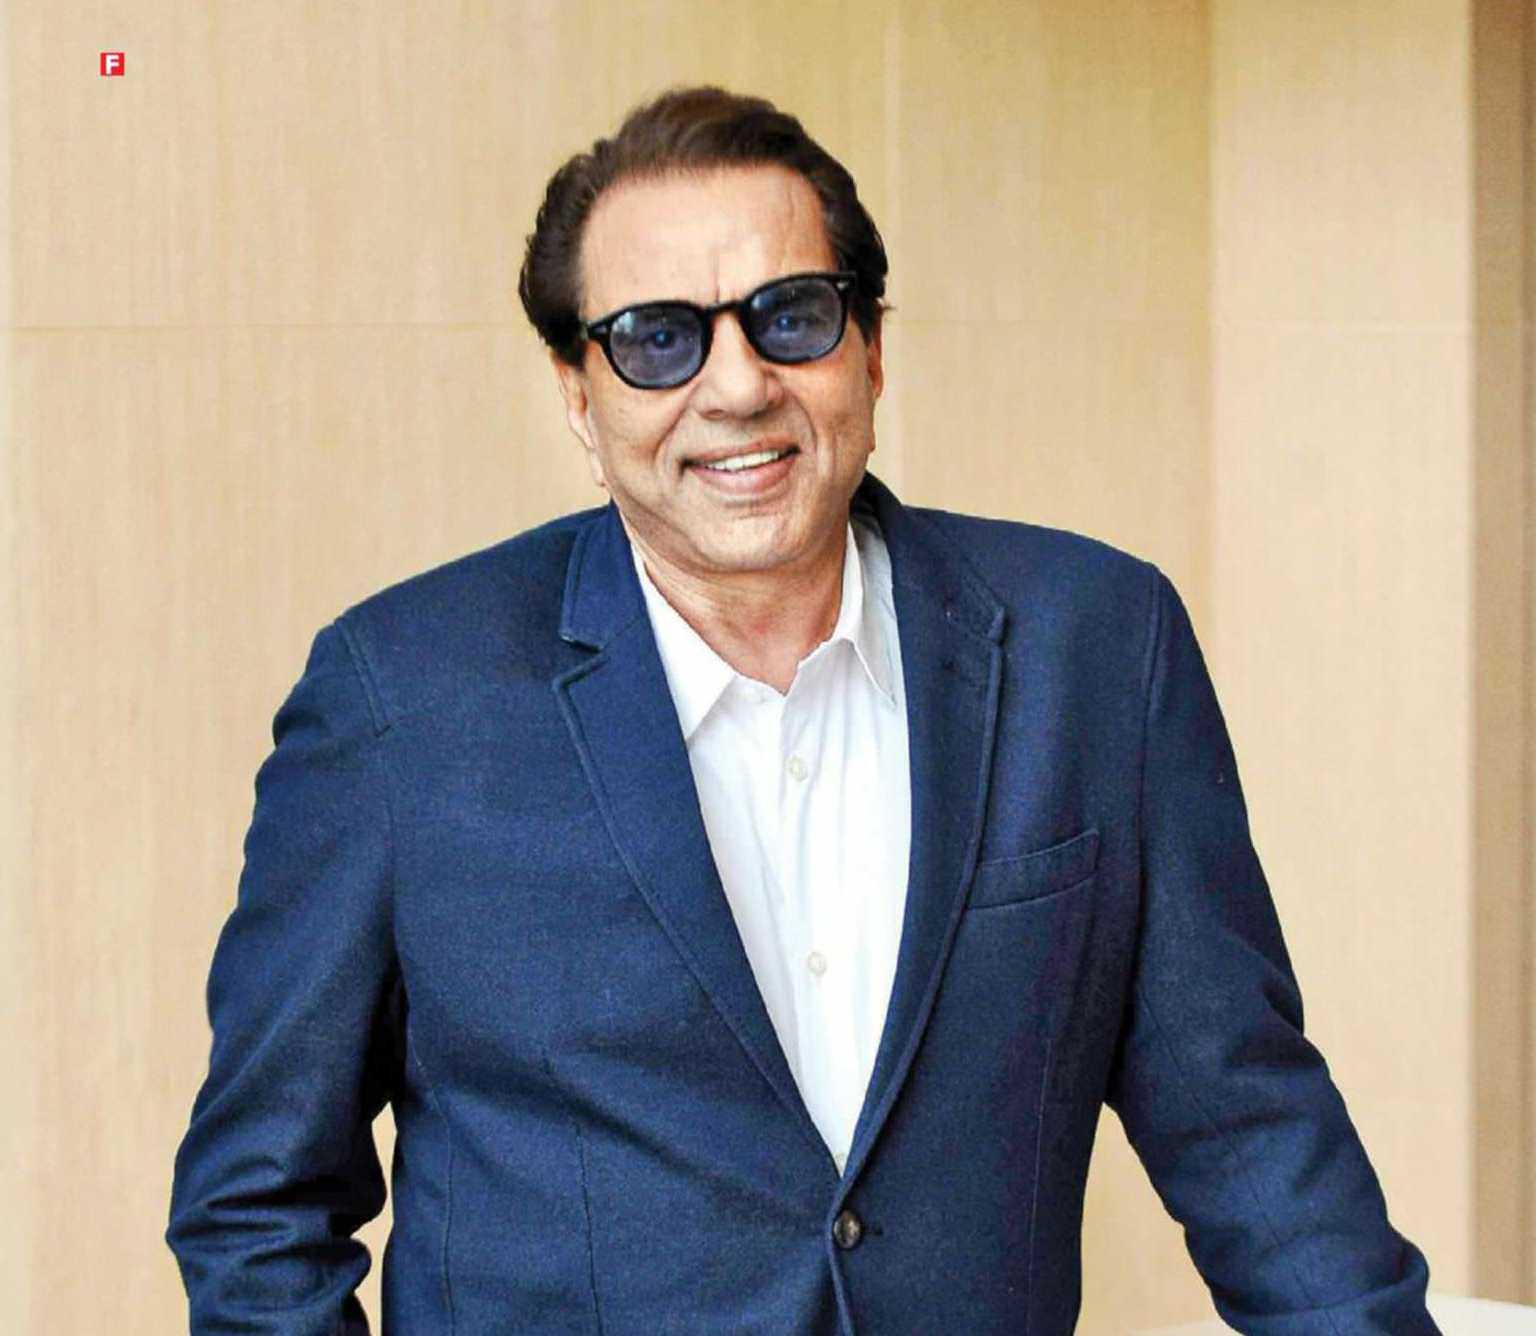 Only Salman Khan Can Play Me: Dharmendra